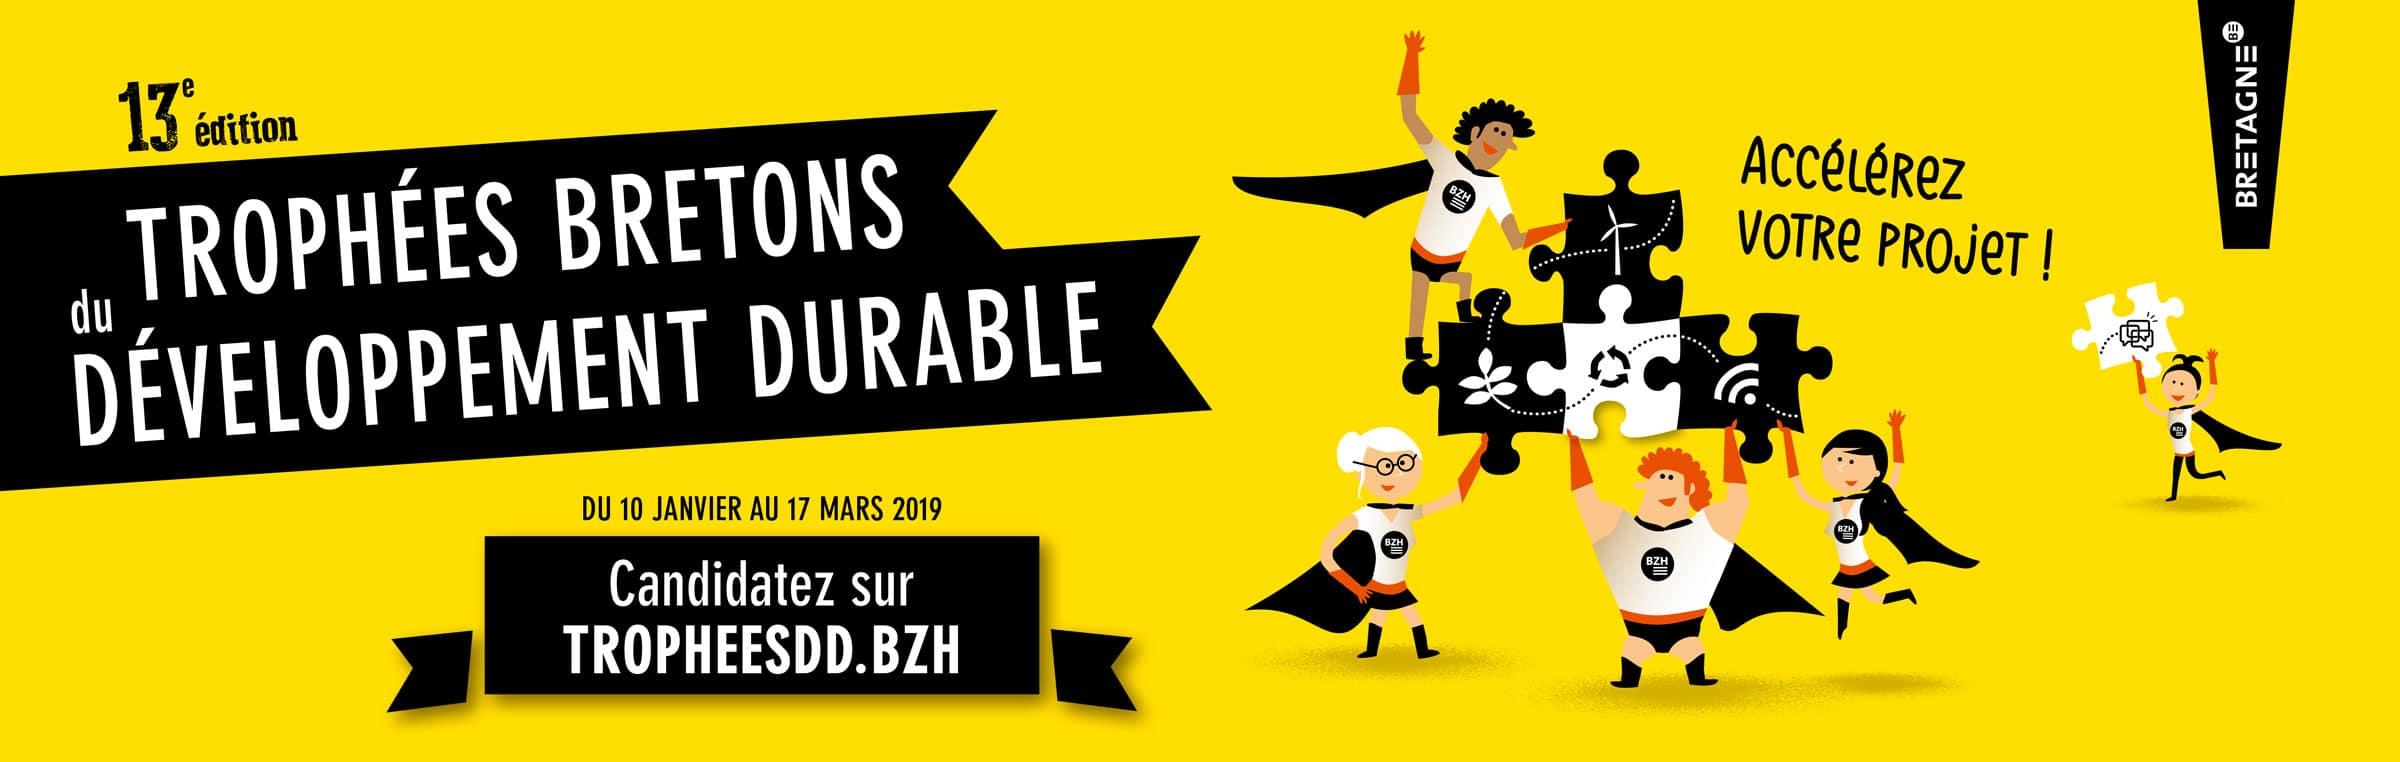 [ Concours ] 13e édition des Trophées bretons du développement durable – Candidatez !